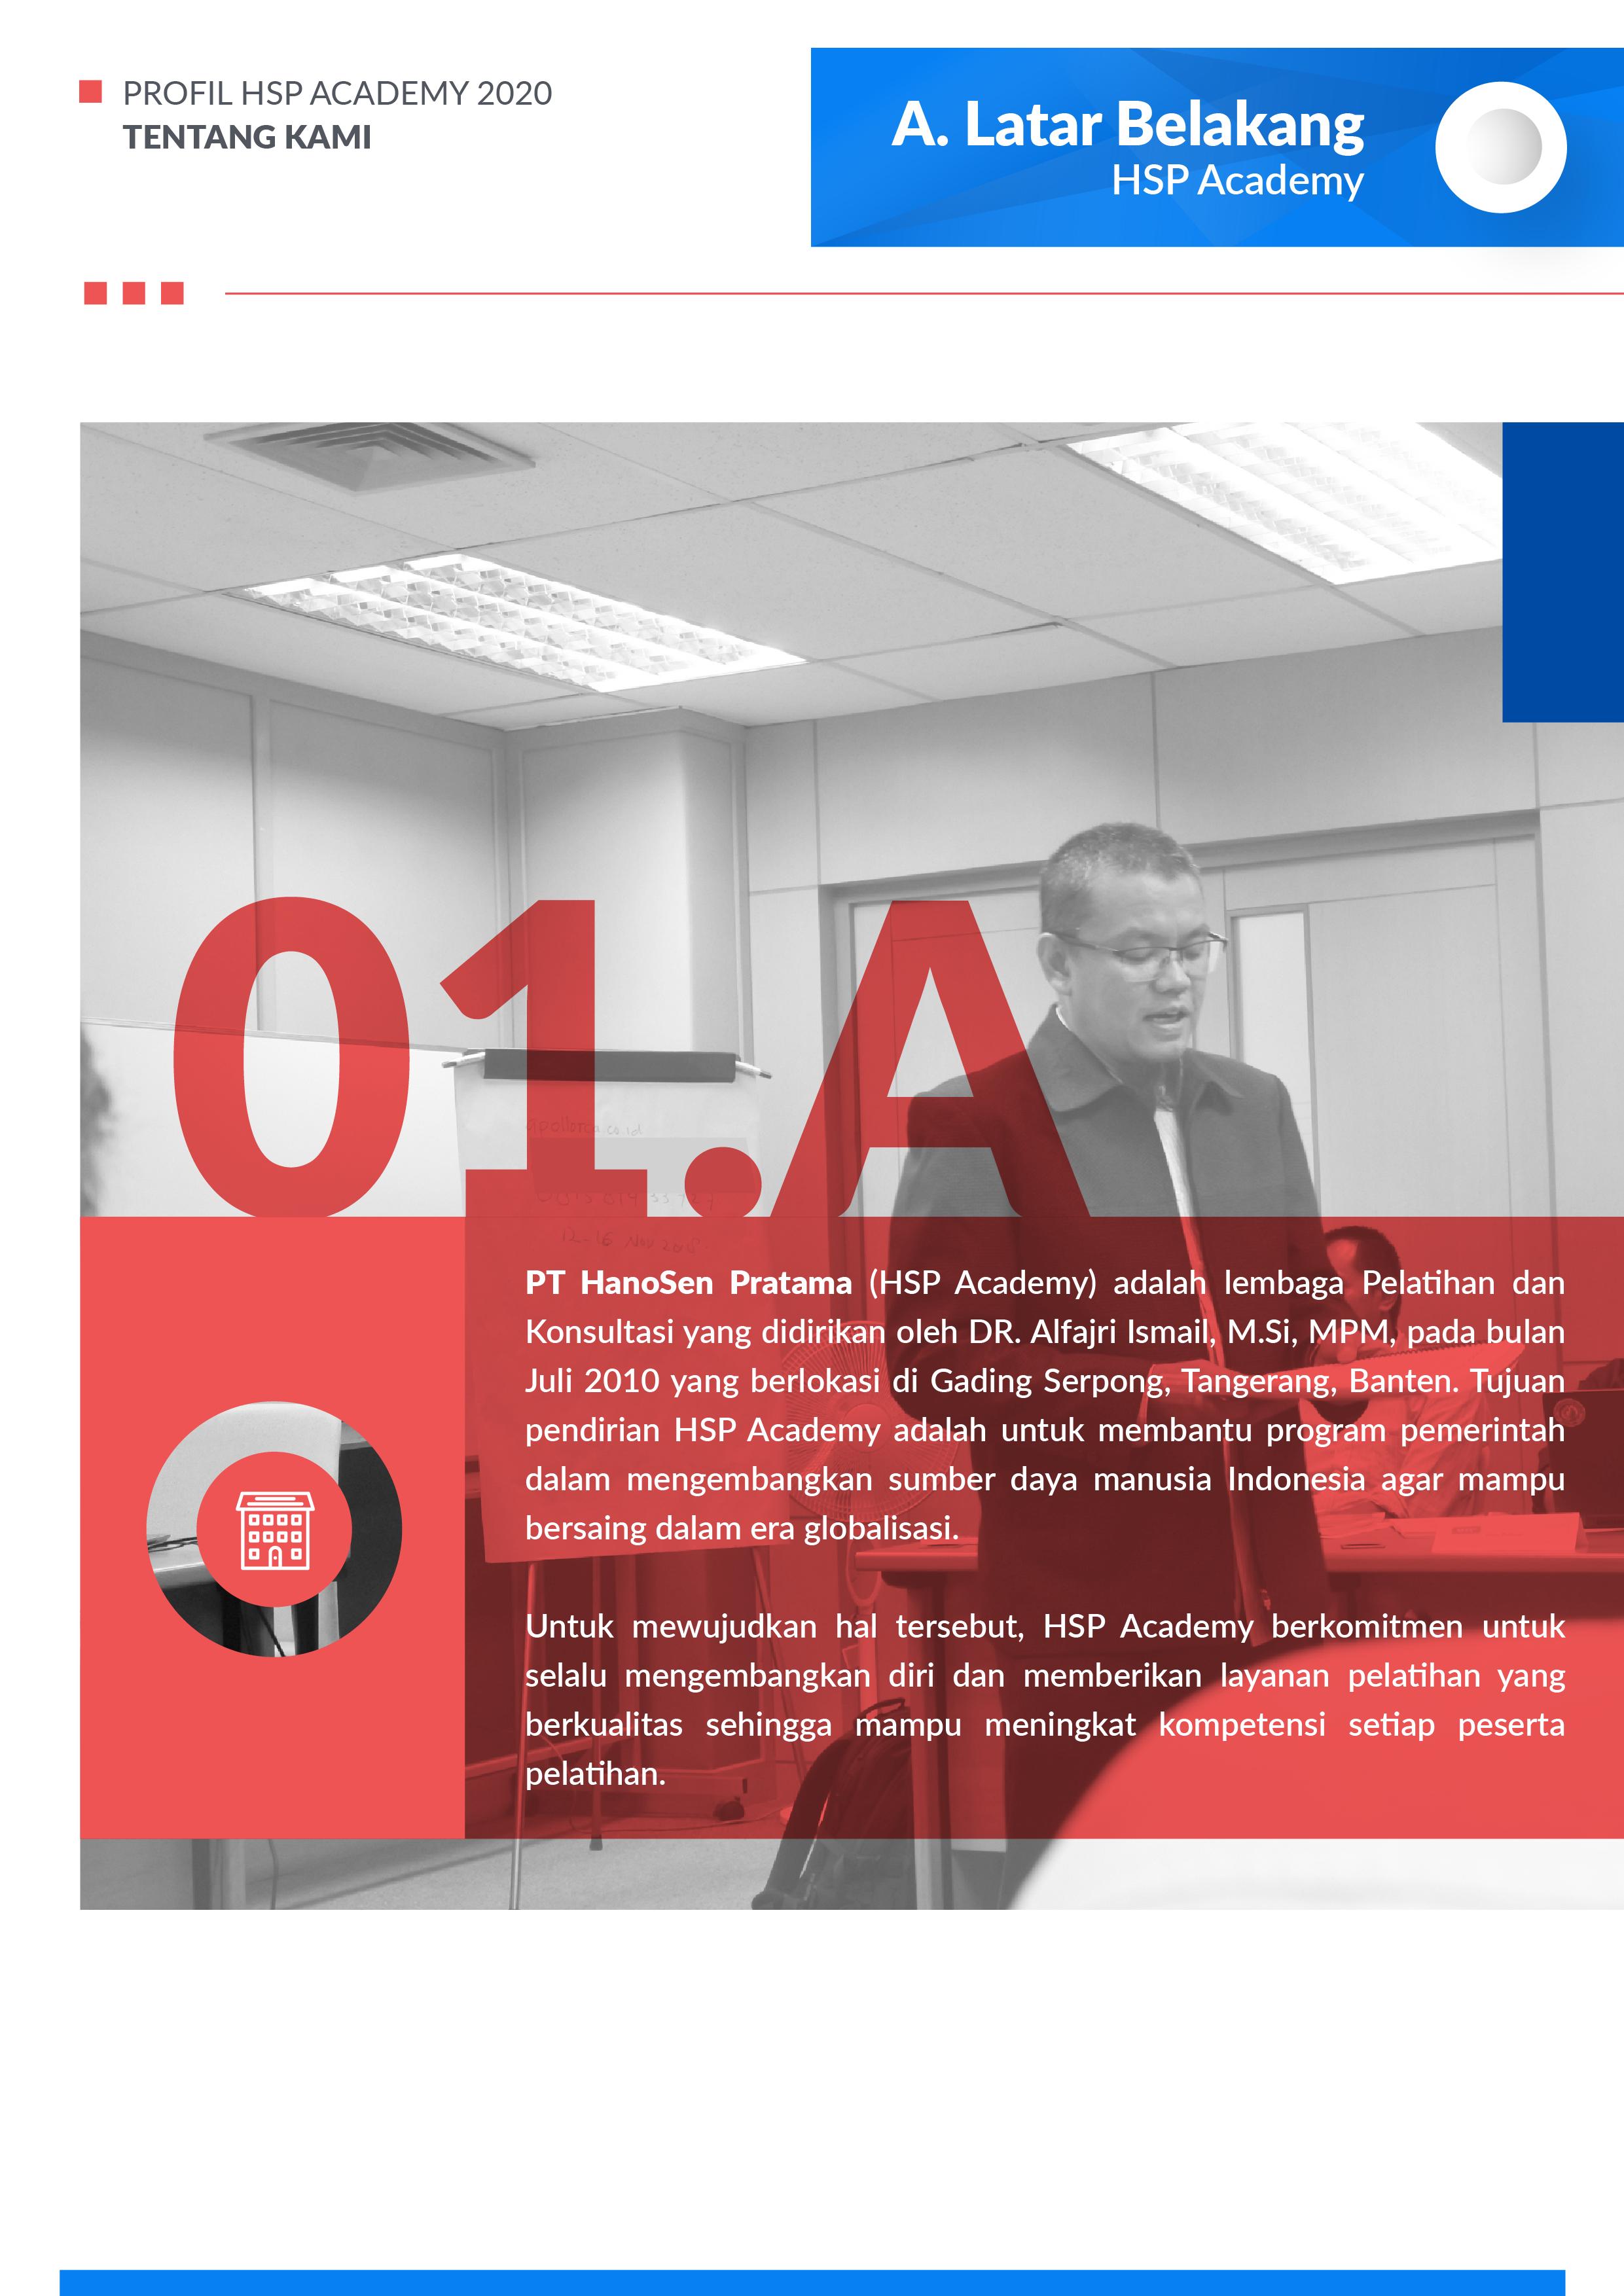 Profil Perusahaan HSP Academy 2020 - Bagian 1-05